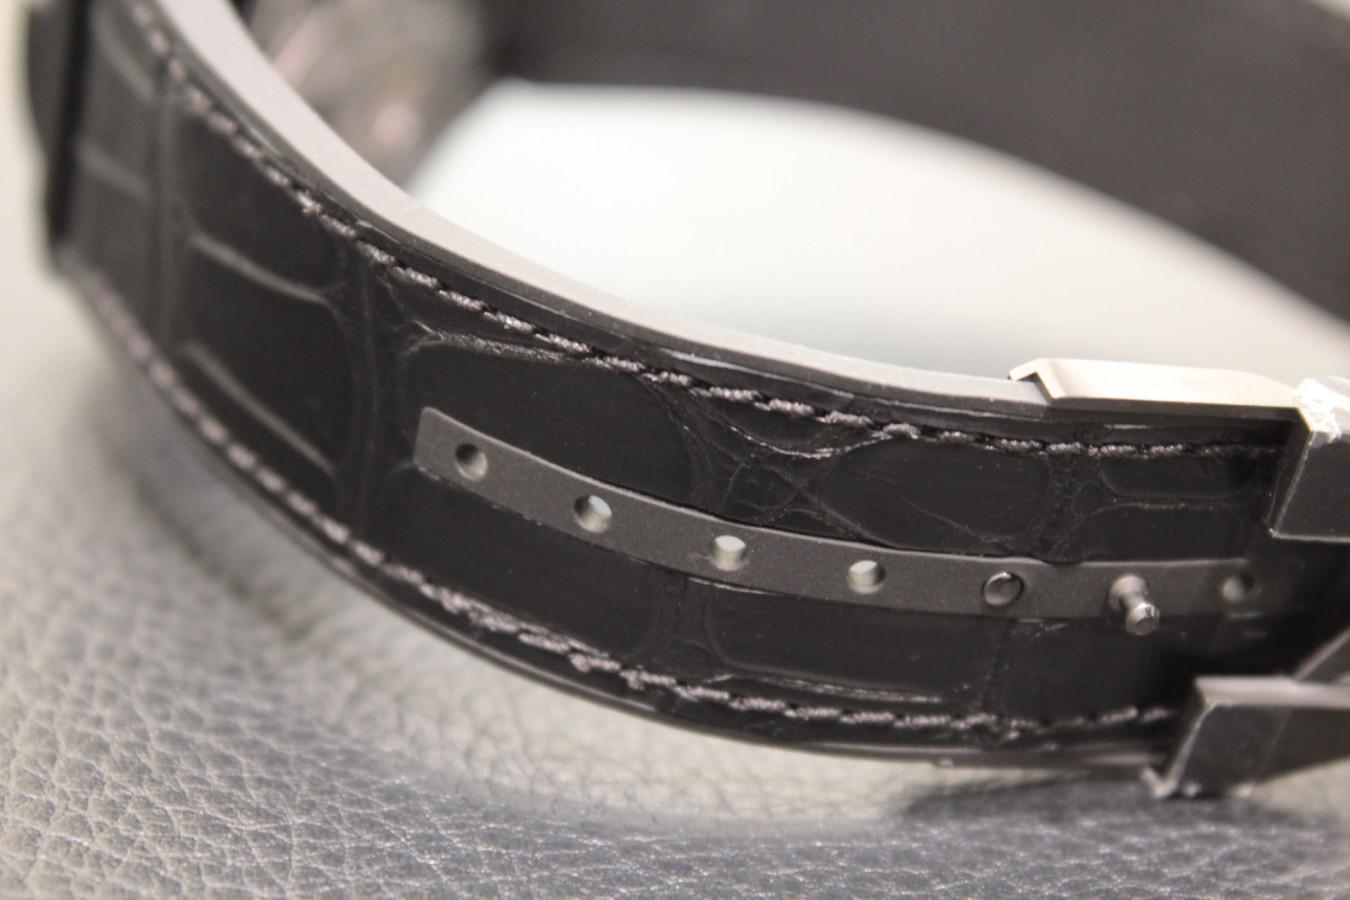 IMG_3751 オールブラックの男前時計?「デファイ エル・プリメロ21」ブラックセラミックモデル! - DEFY